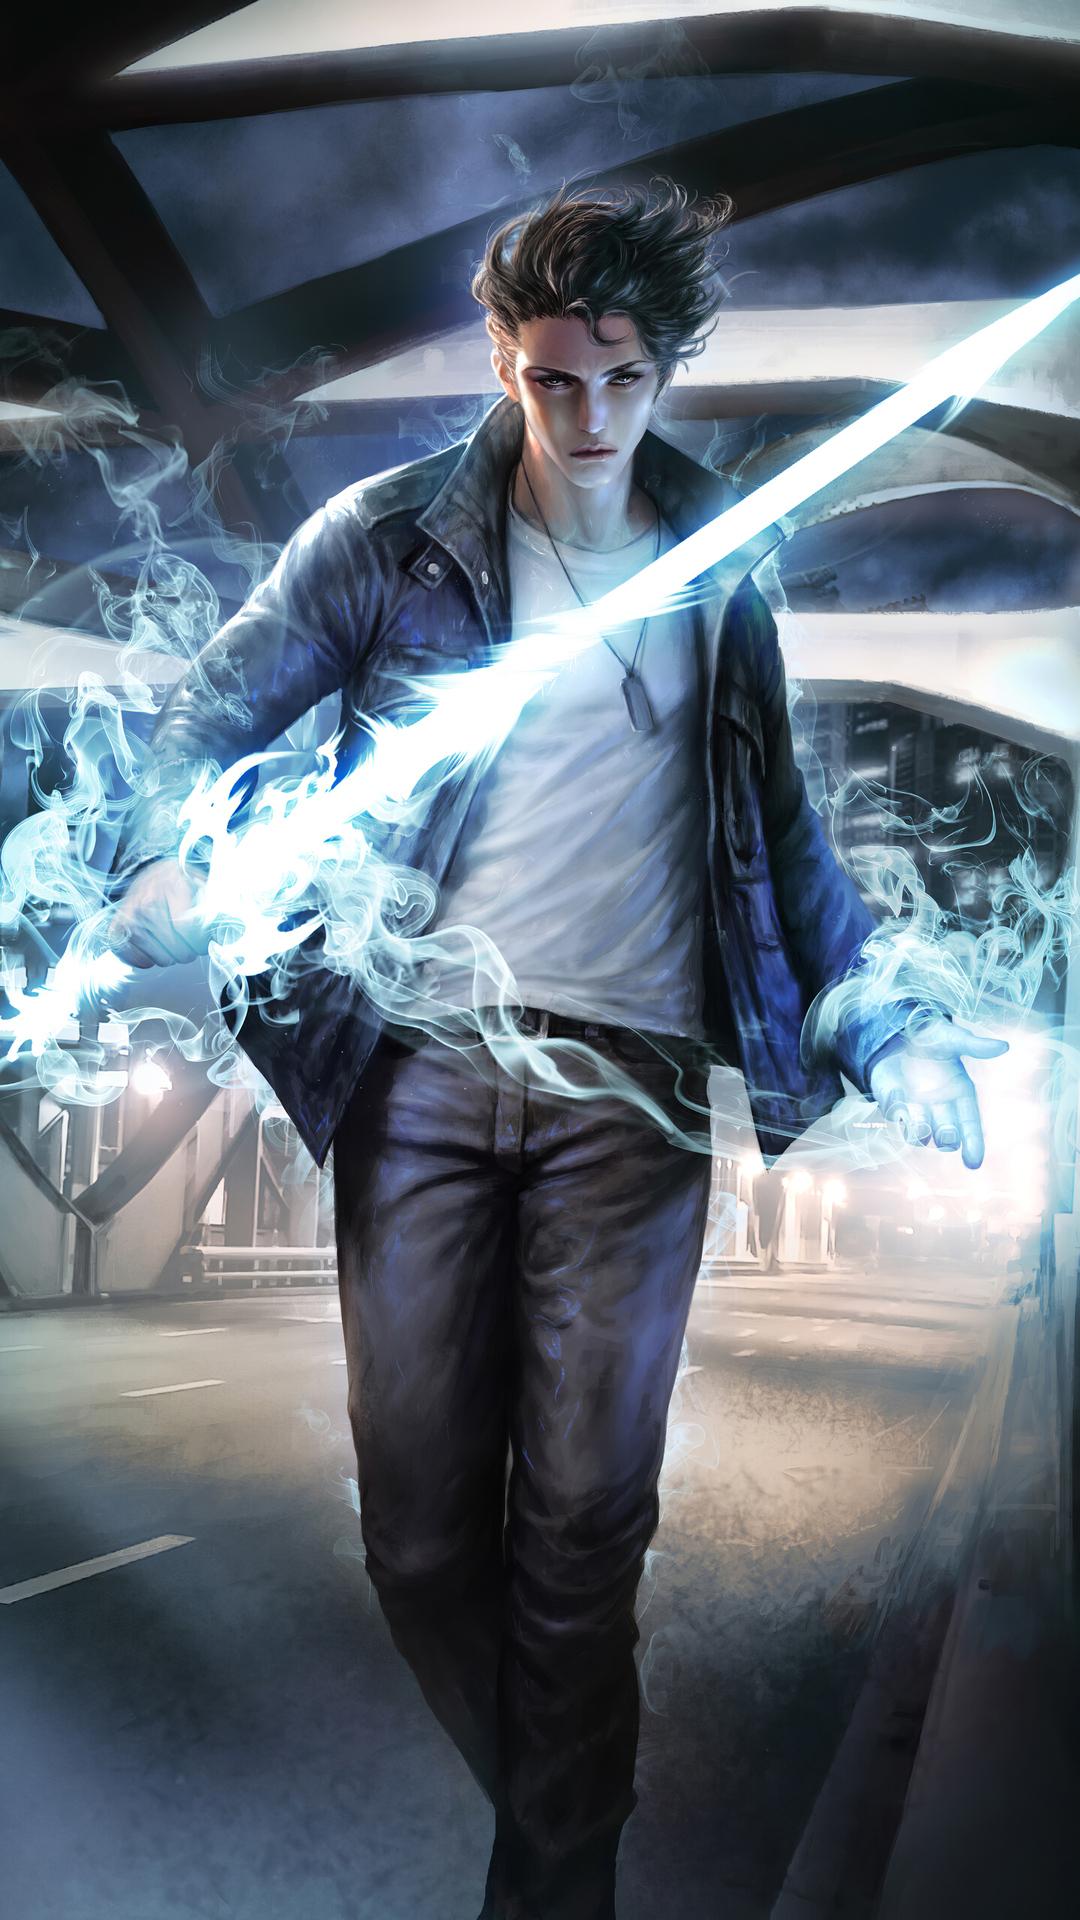 asian-guy-with-lighting-sword-82.jpg